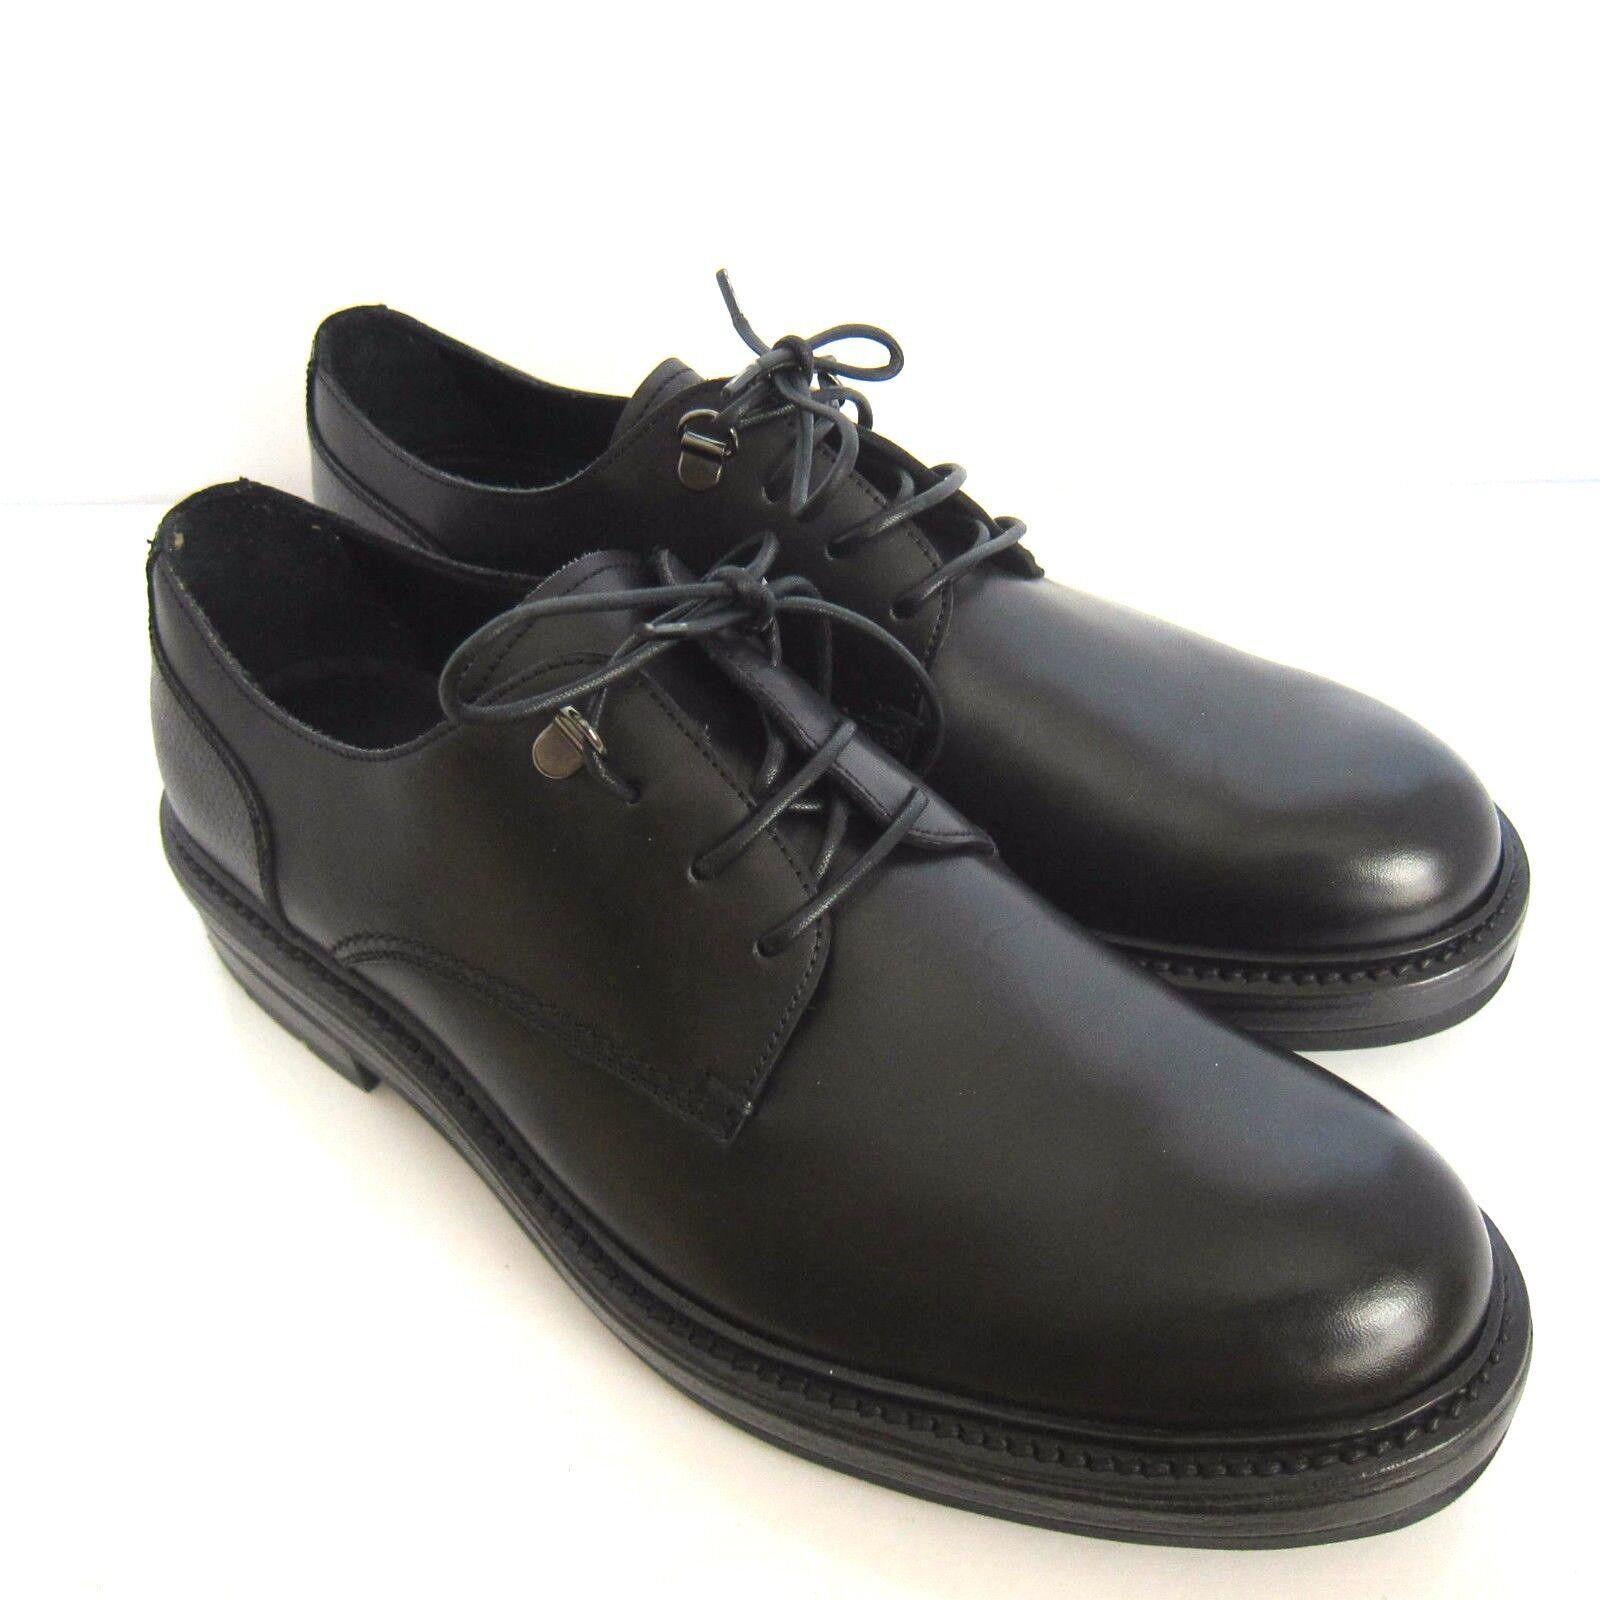 C-1139218 Neuf ErHommesegildo Zegna Noir Derby   Chaussures Marqué Taille 7.5 US